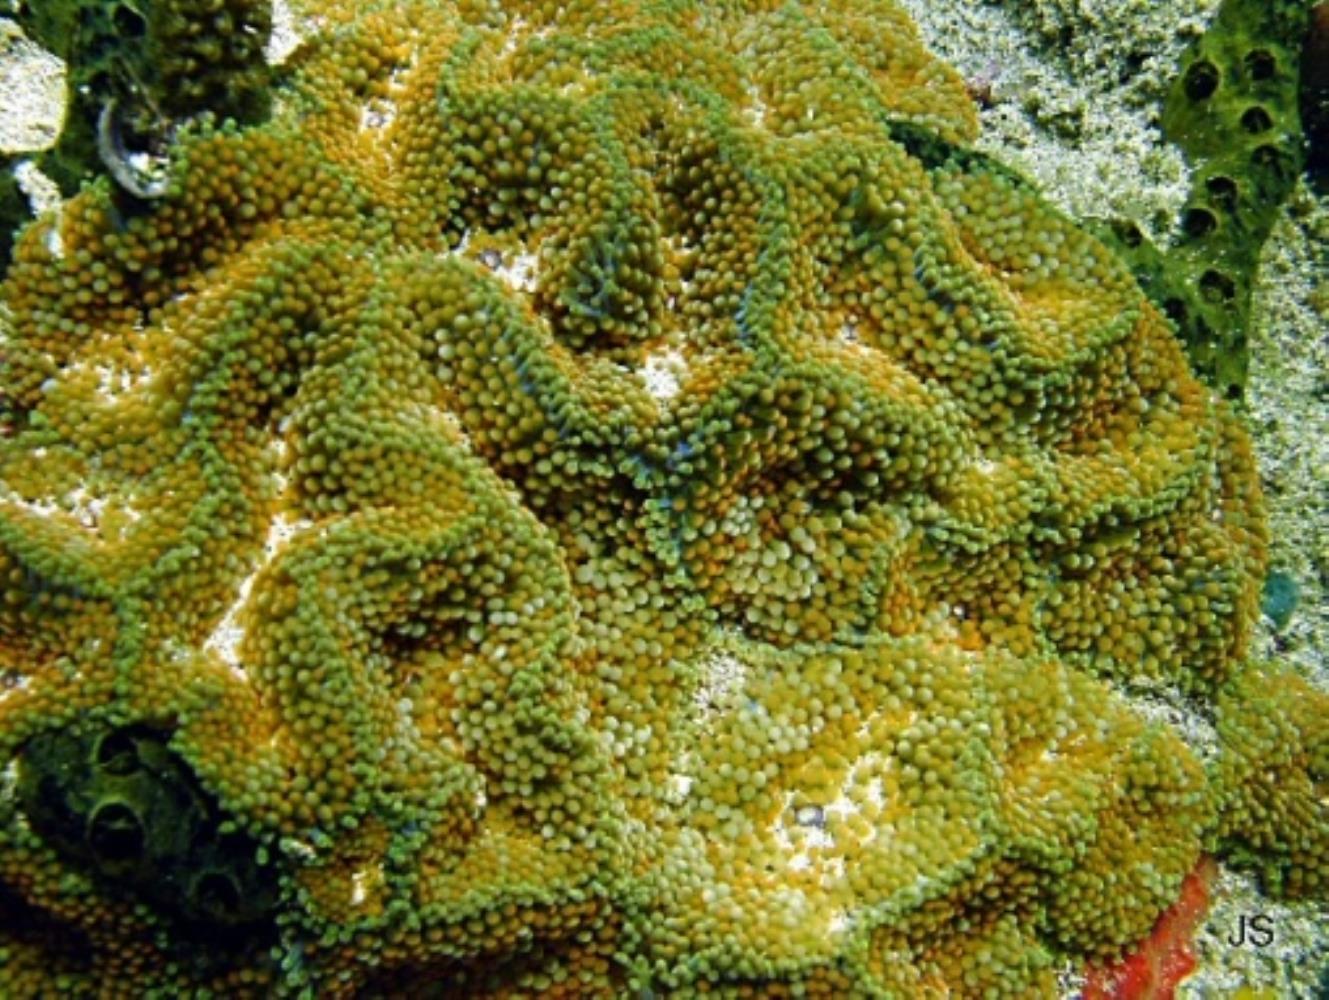 False Coral